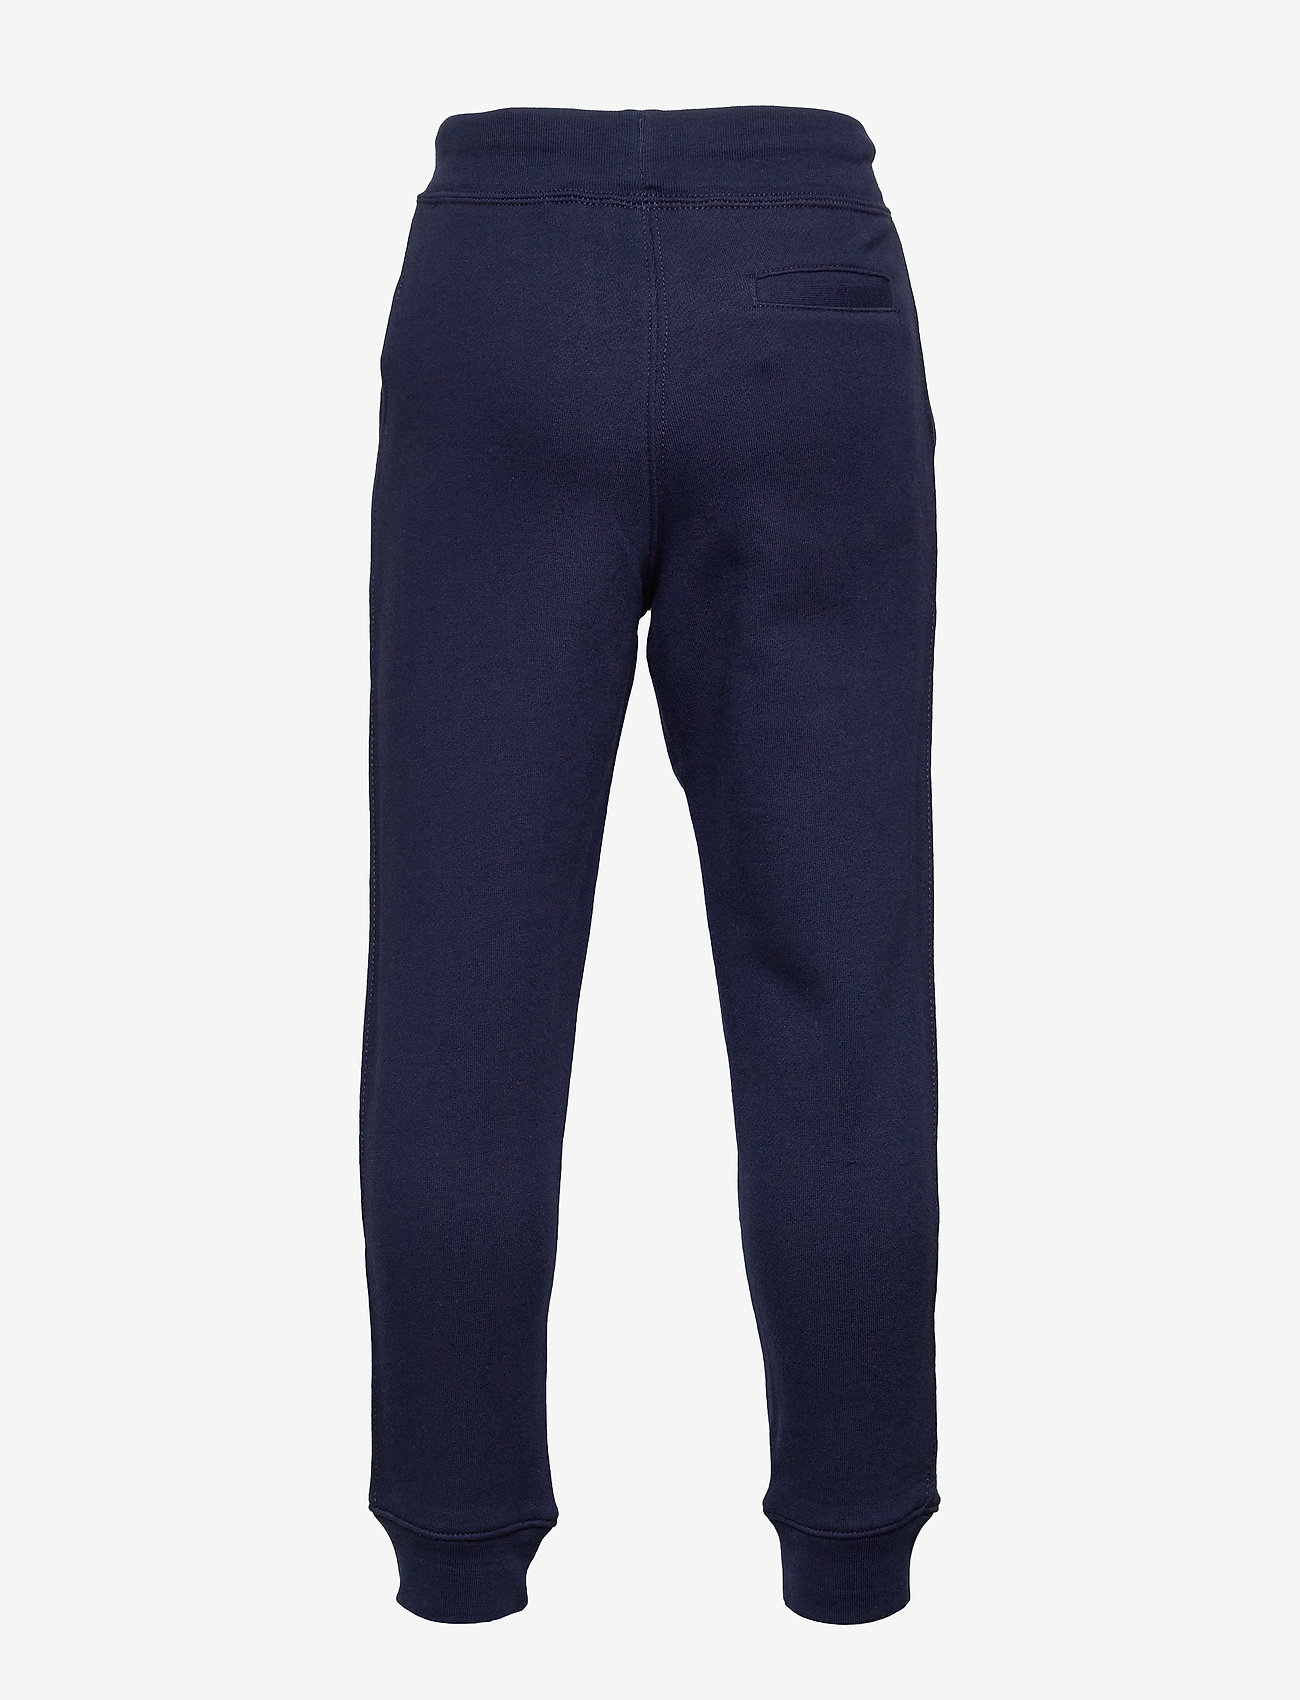 Cotton-blend-fleece Jogger (Cruise Navy) - Polo Ralph Lauren SKpV5E